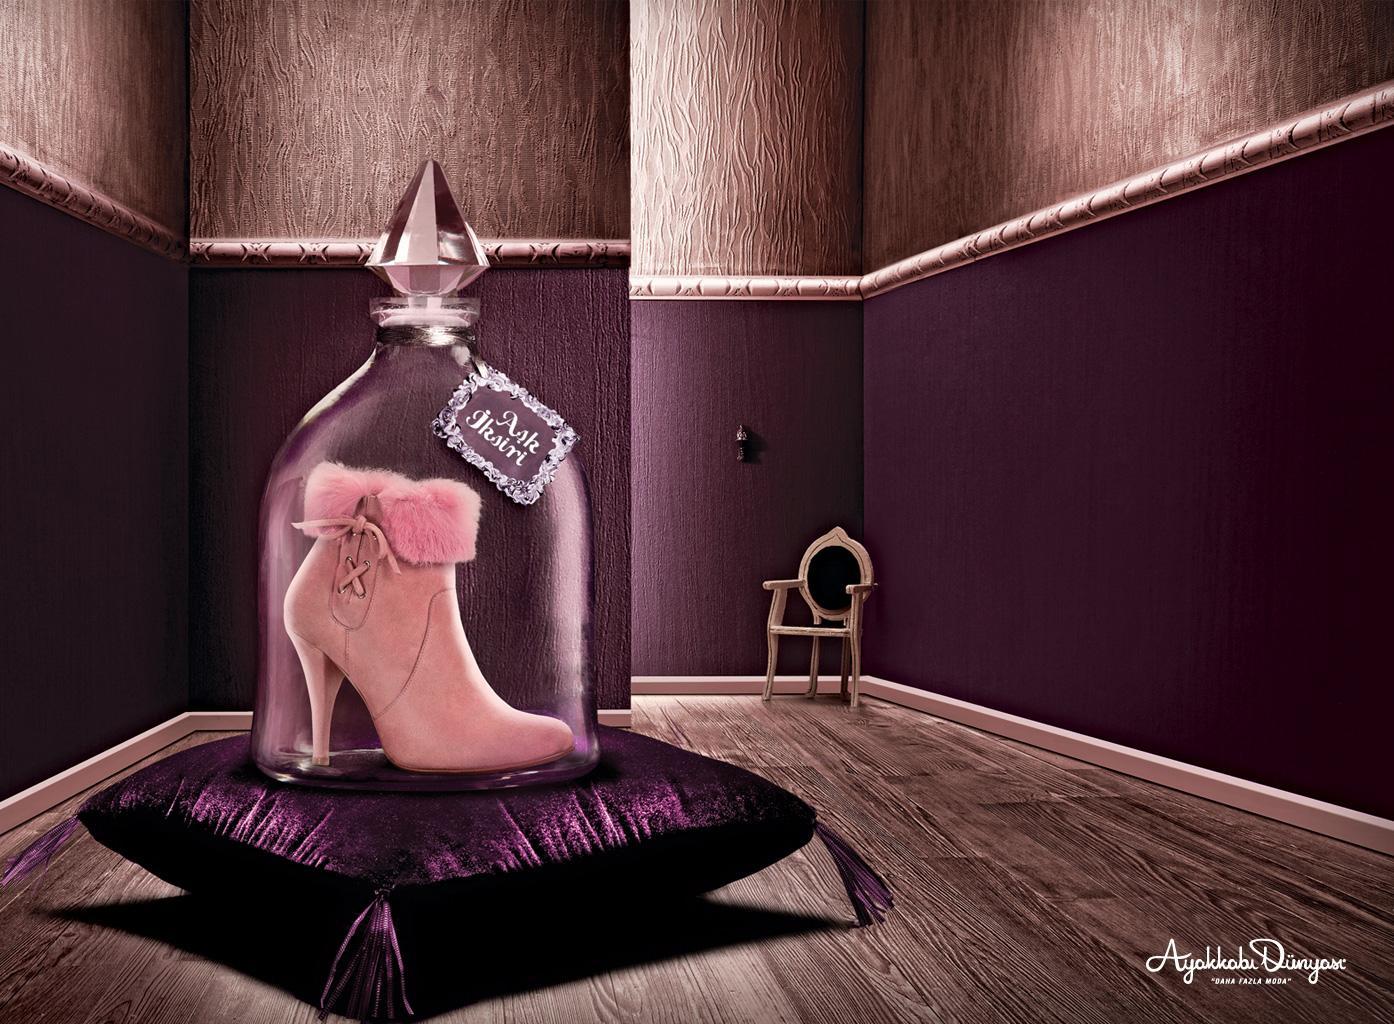 Ayakkabı Dünyası Print Ad -  Love Potion, 1